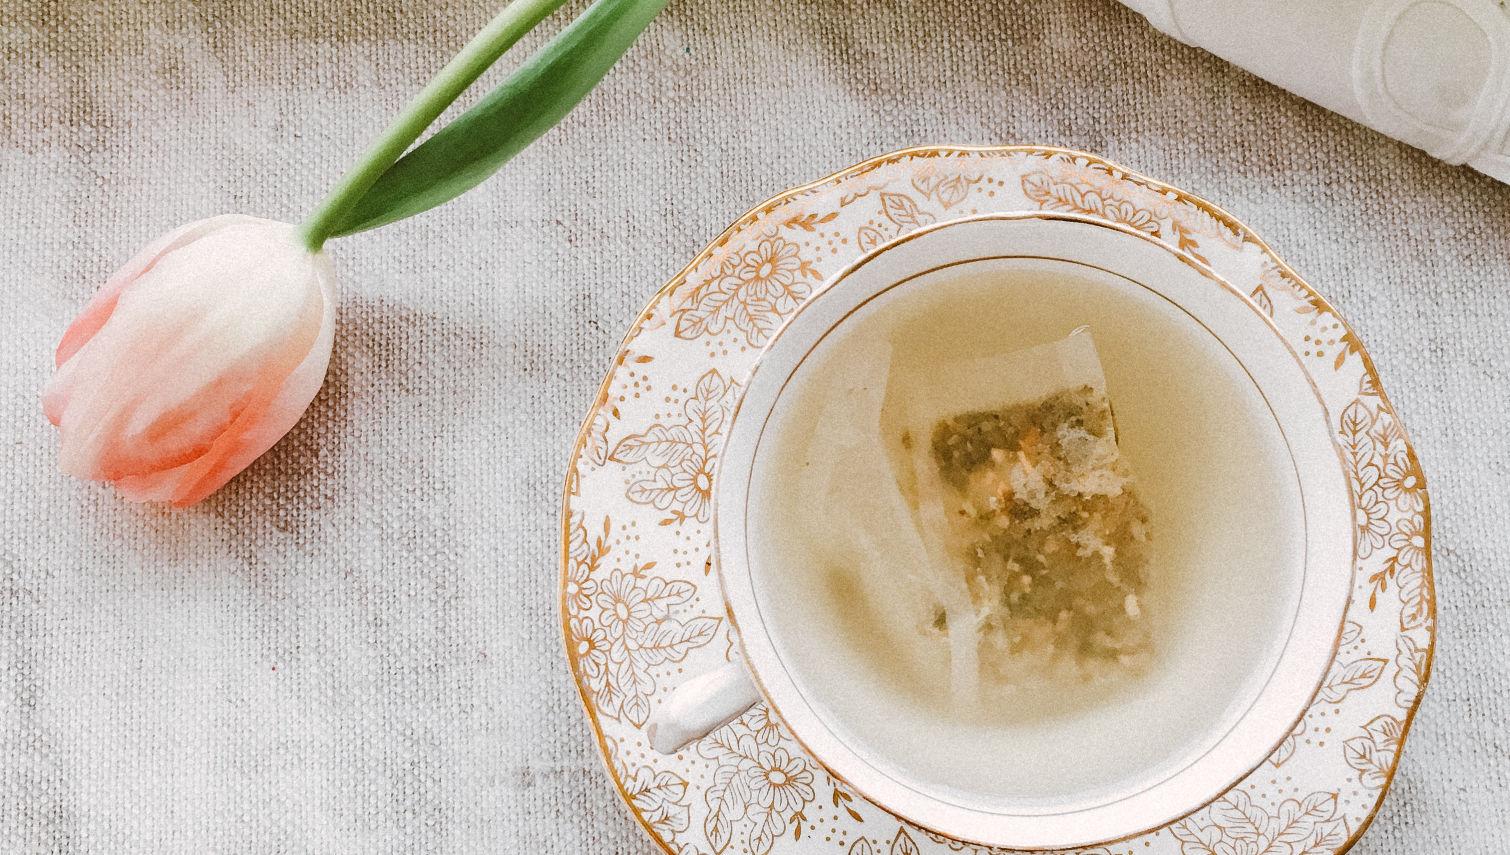 喜茶的第三笔投资,投了这个成立不到3年的新品牌?